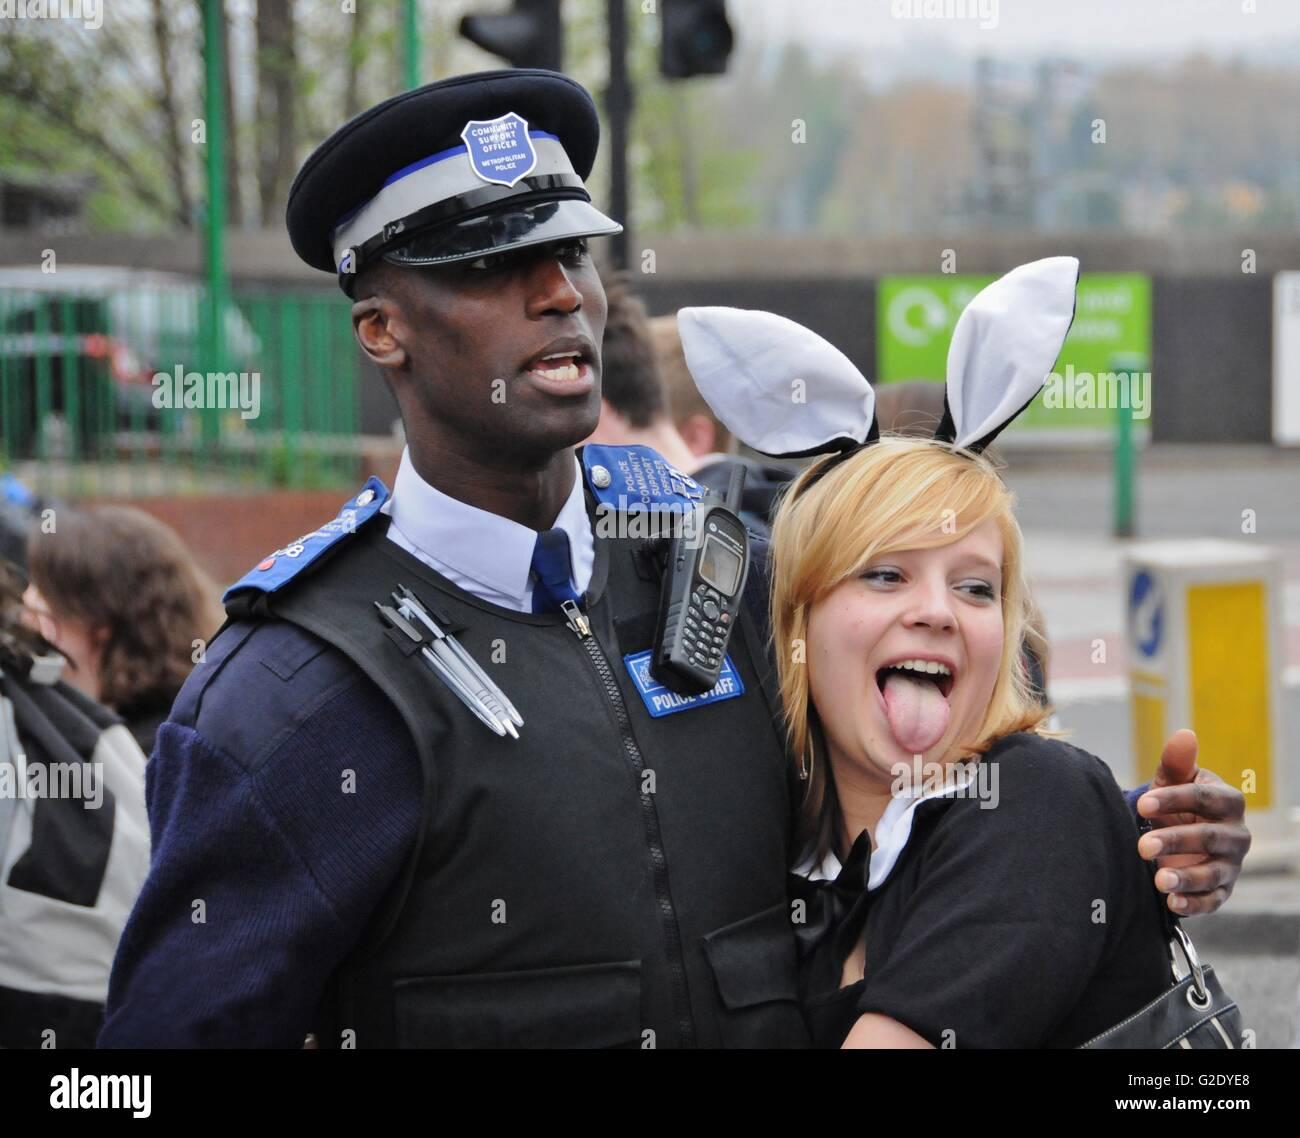 Una giovane ragazza possiede con un traffico operaio in Kentish Town, Londra, dopo aver goduto di una domenica pomeriggio Immagini Stock